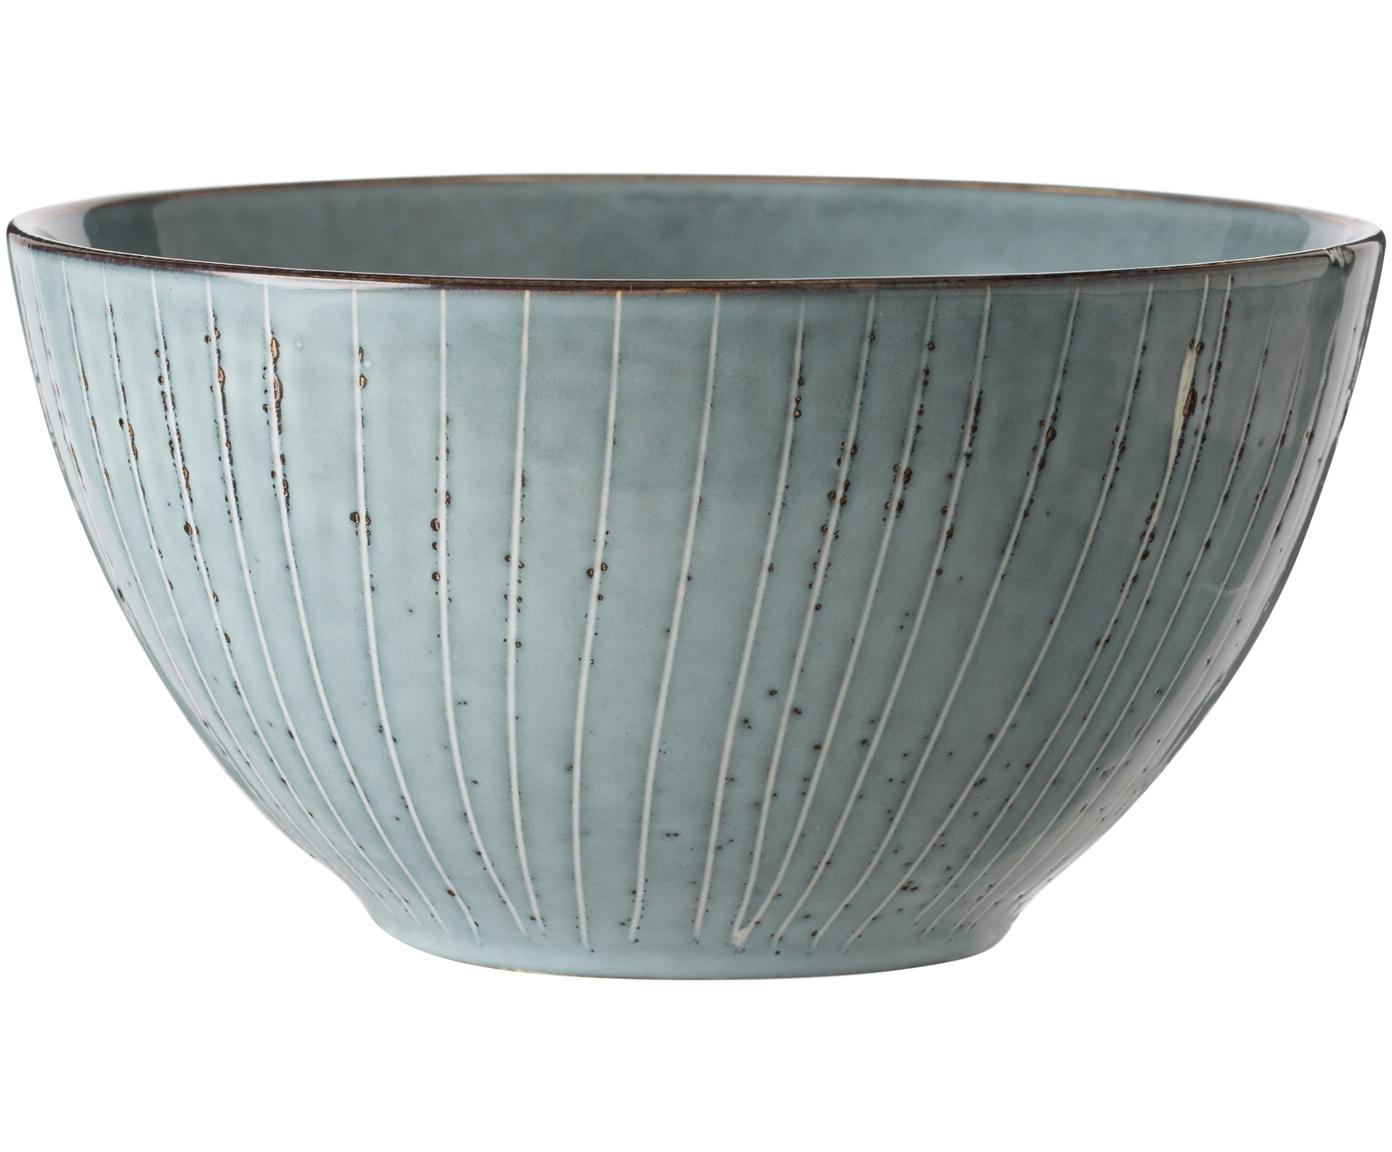 Boles artesanales Nordic Sea, 4uds., Gres, Tonos de gris y azul, Ø 17 x Al 8 cm